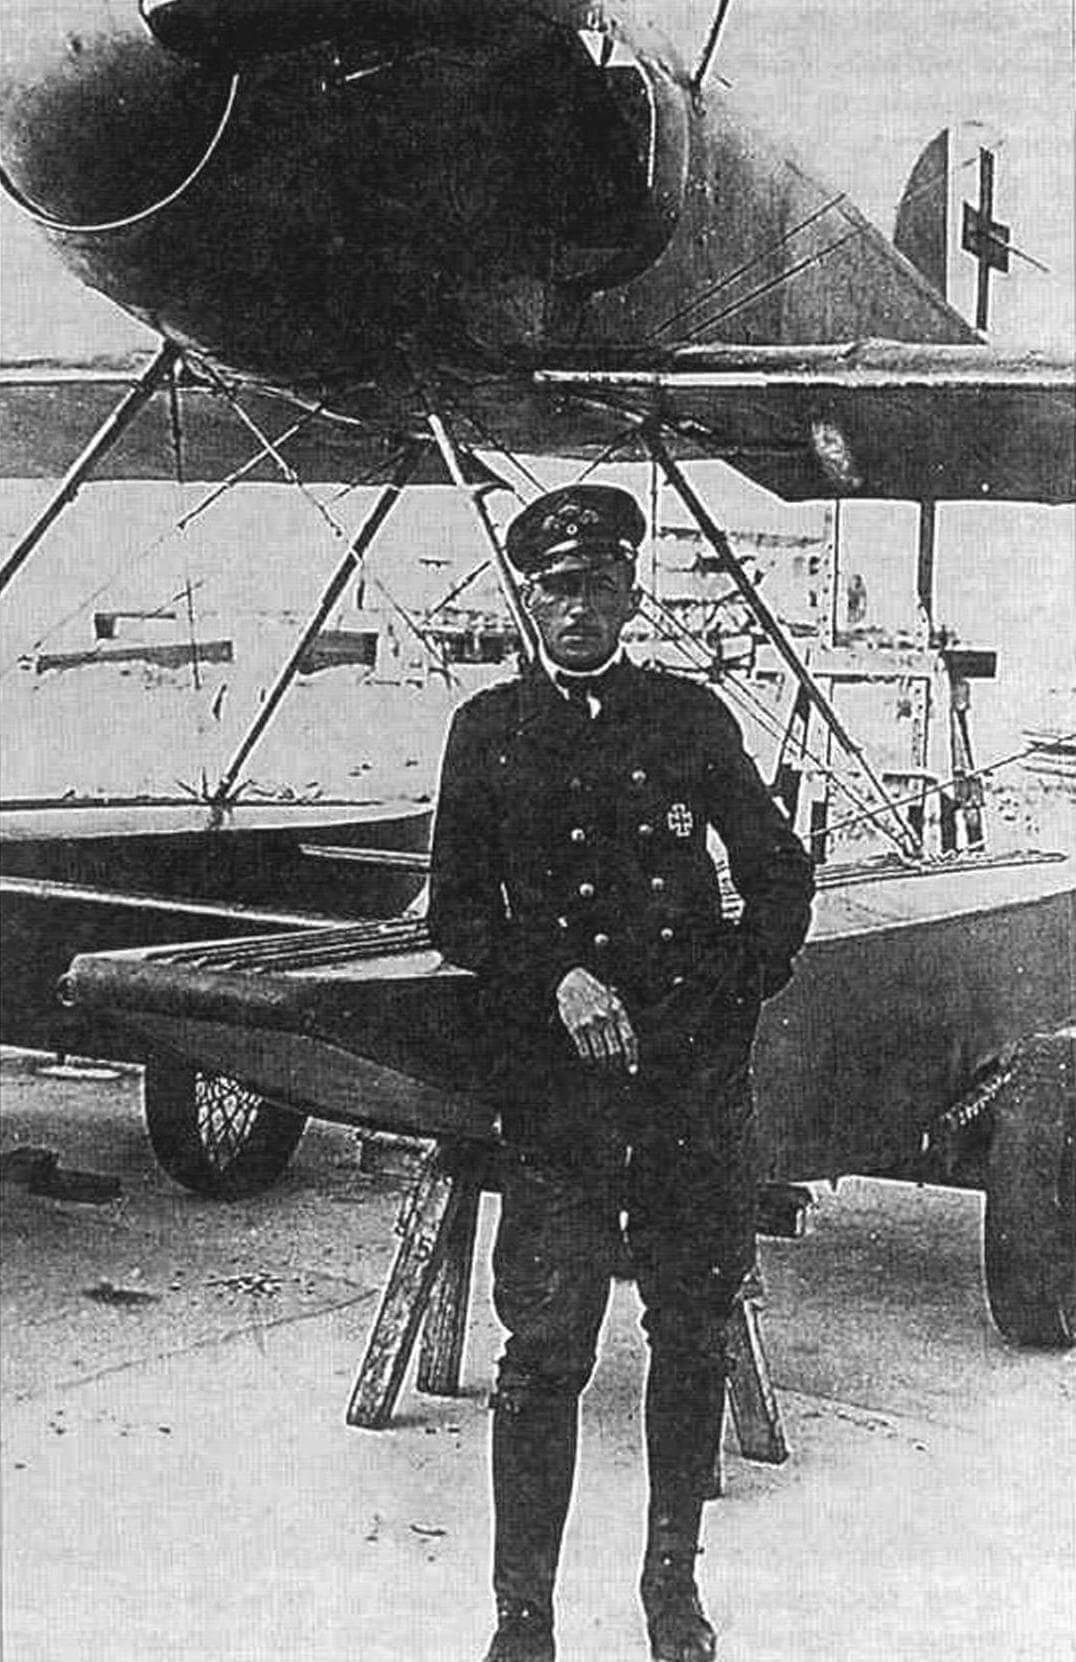 На фотографии, сделанной в середине 1918 г., видны на левом борту один из новых водо-радиаторов, «антискользящие» ребра на поплавках и введенные в марте 1918 года новые опознавательные знаки